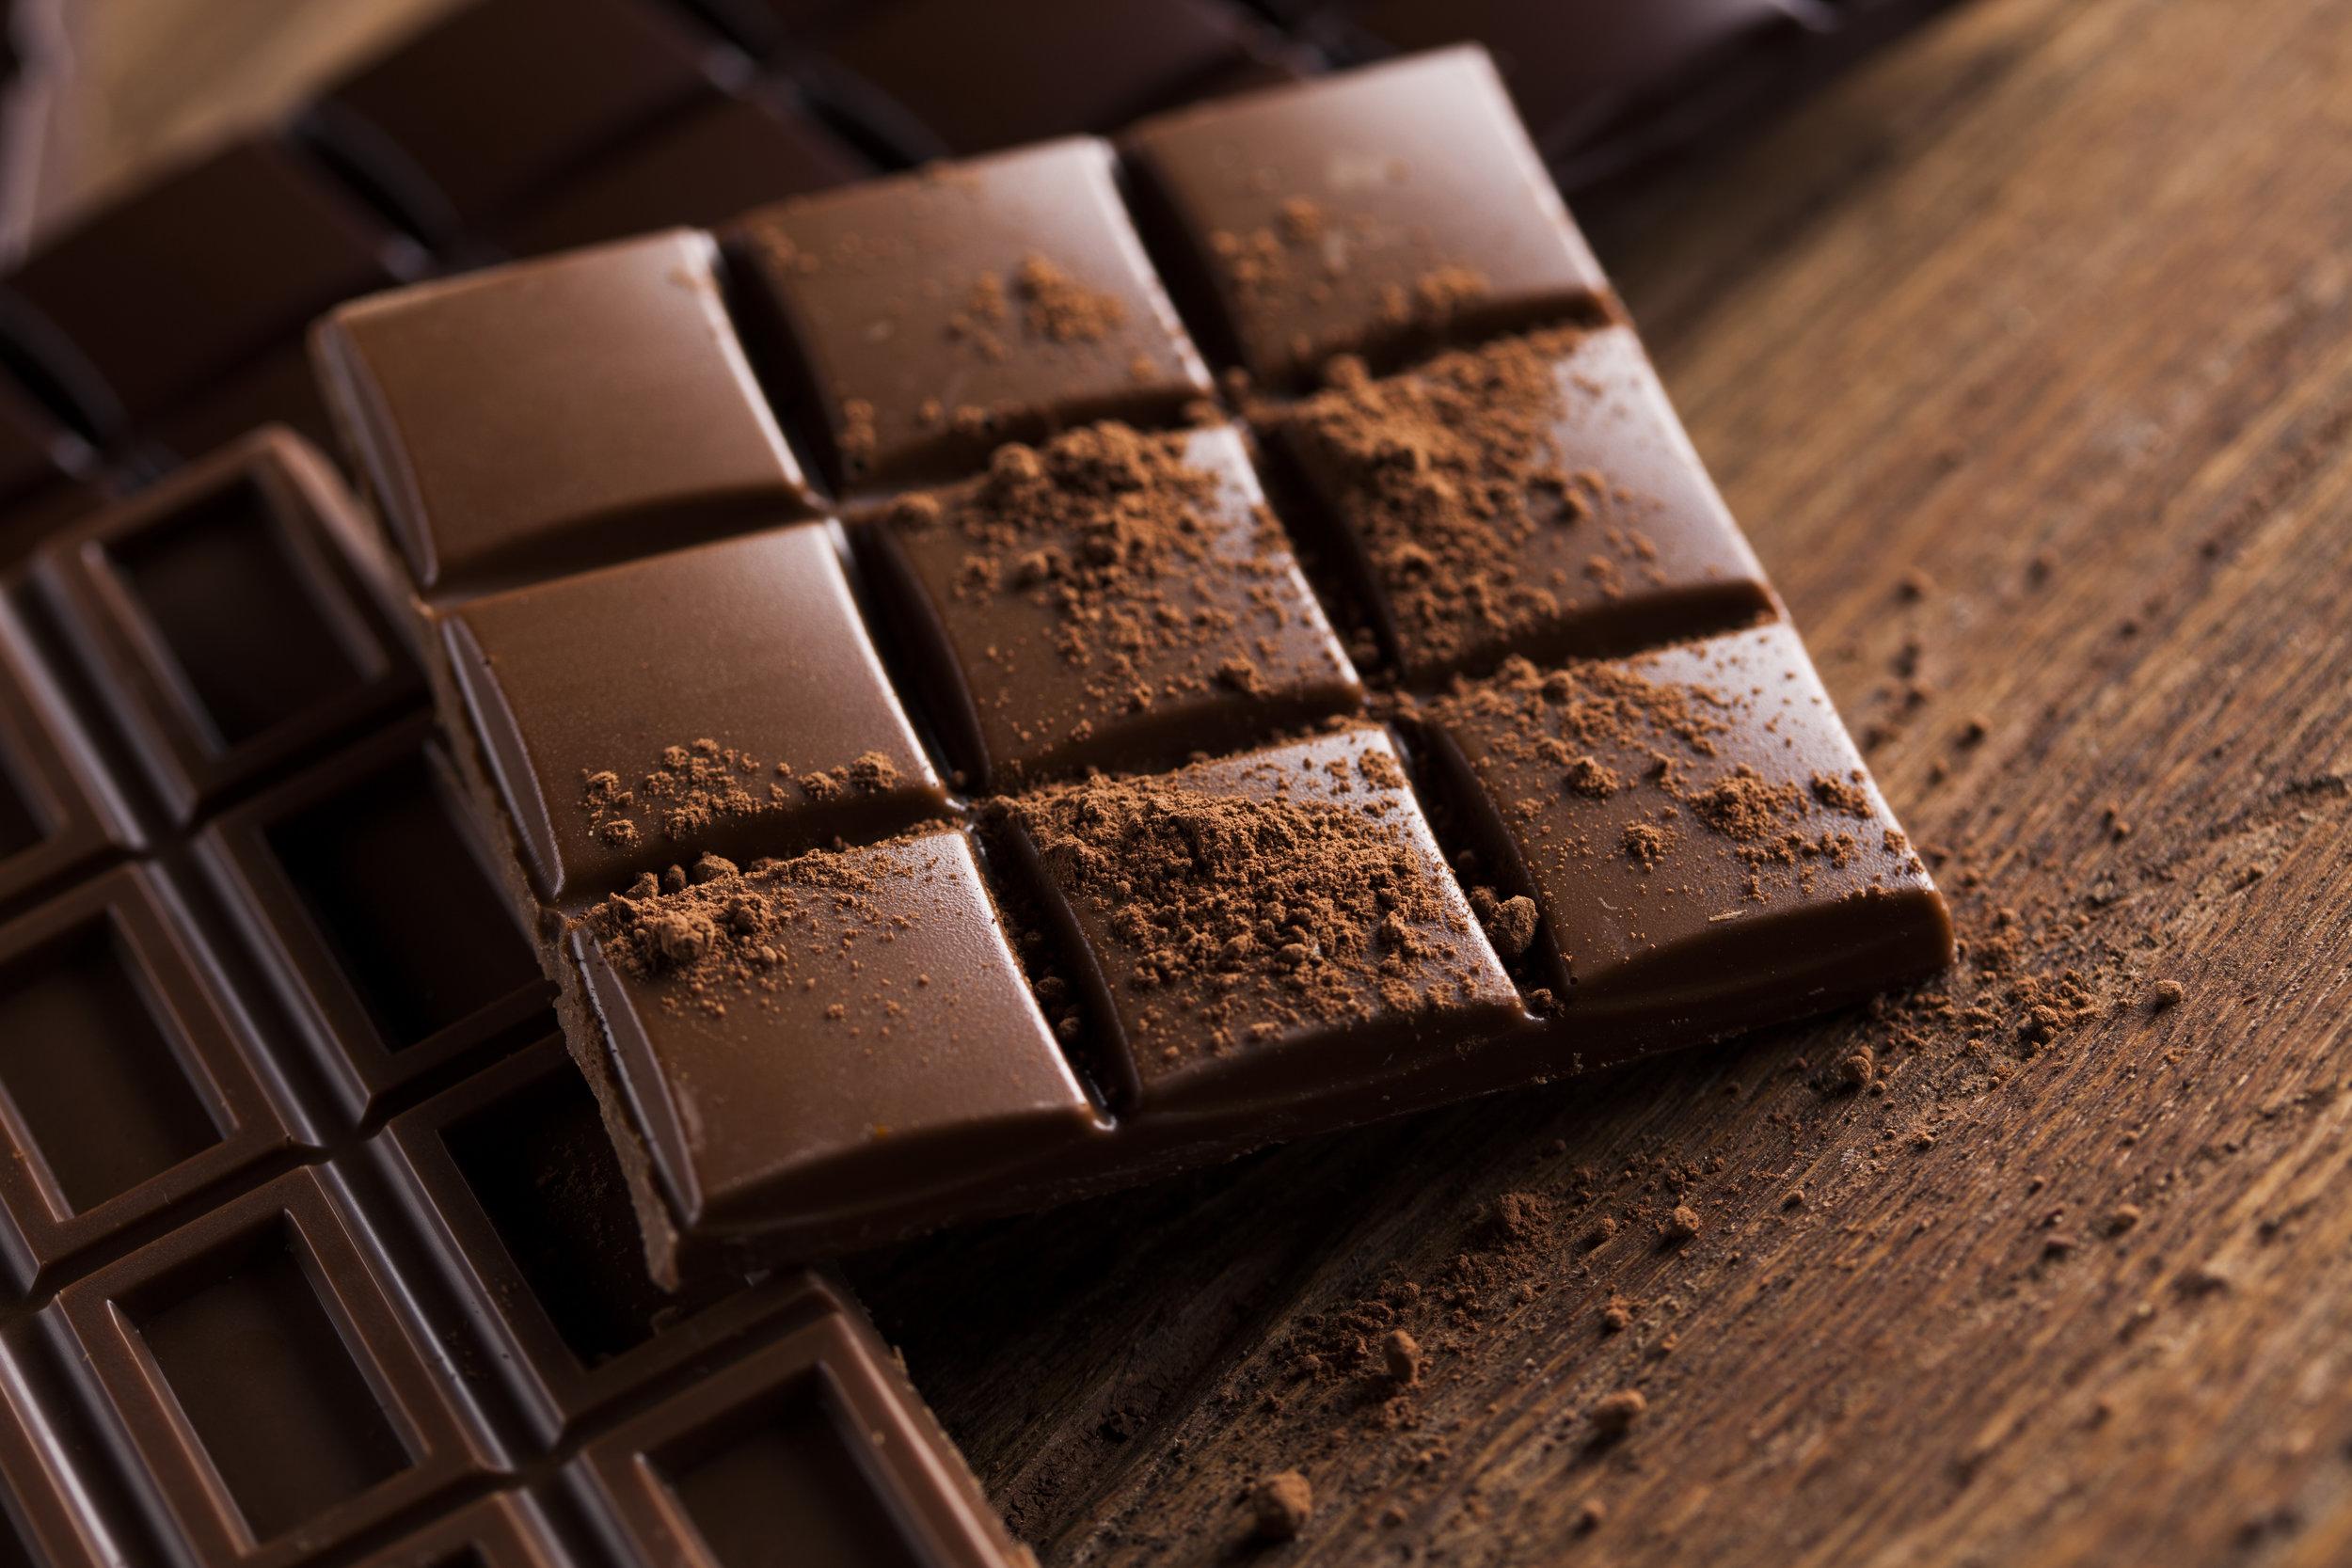 shutterstock_594489065(Chocolate).jpg